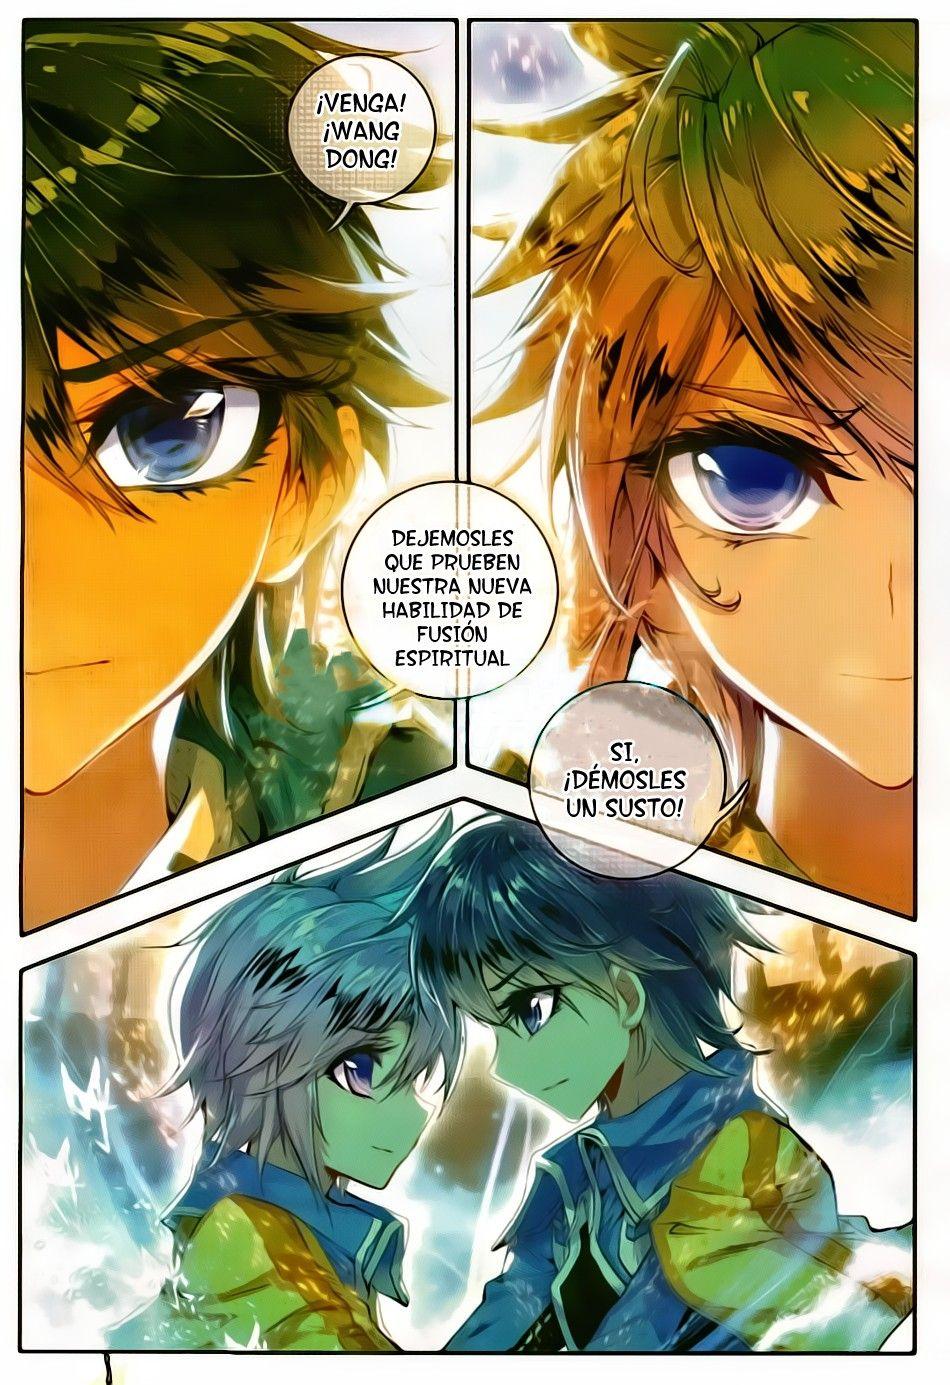 http://c5.ninemanga.com/es_manga/pic2/33/16417/511293/4cf2d8403ea3f1f57a1f7894c32a74ad.jpg Page 10